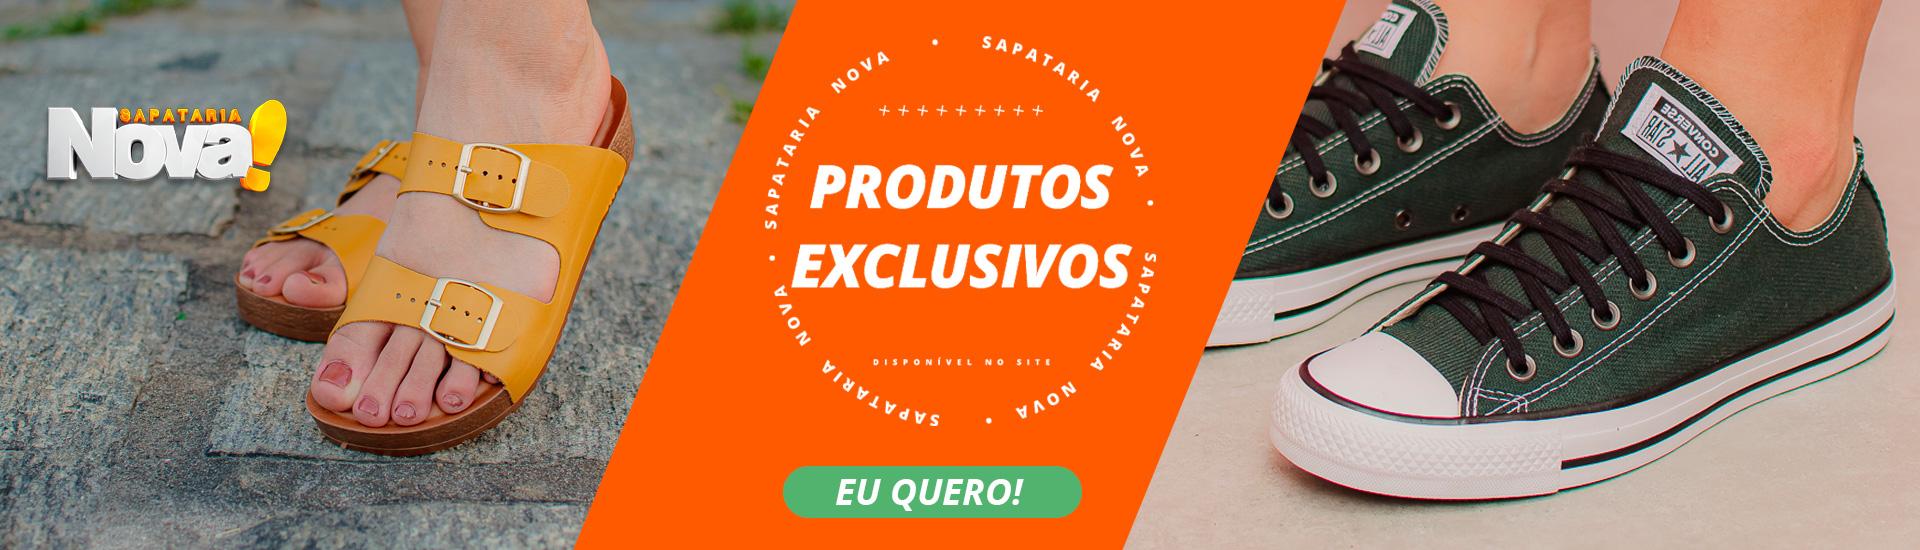 Exclusivos_Institucional_Julho2021